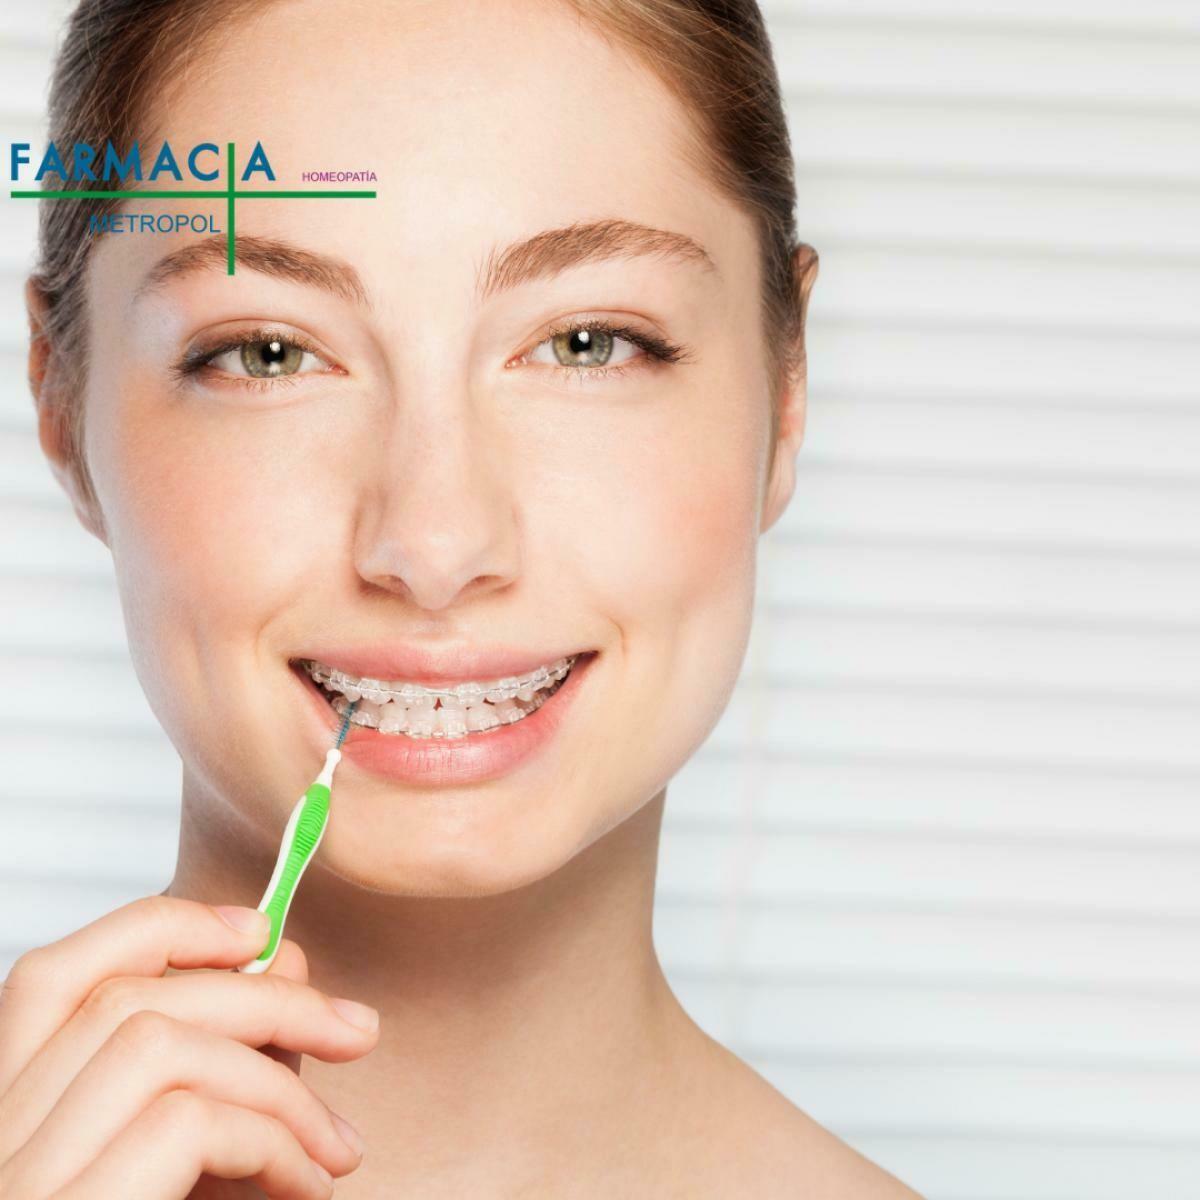 Cepillos interdentales, ceras e hilos dentales